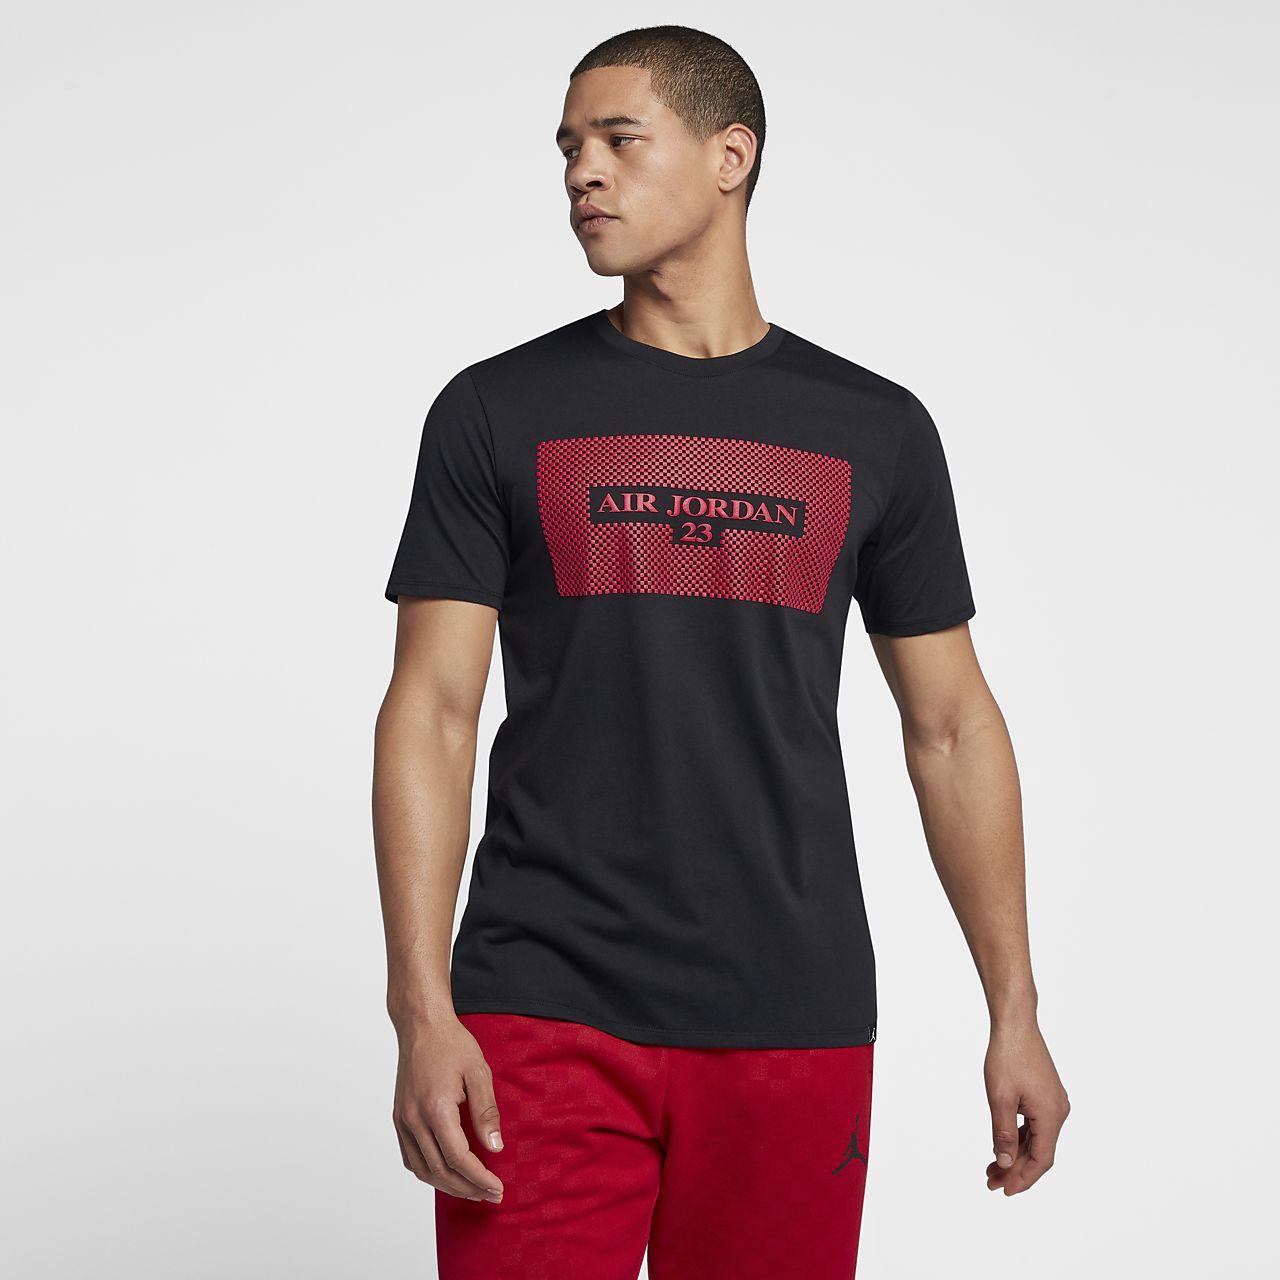 ... Jordan Sportswear AJ 10 Men's T-Shirt